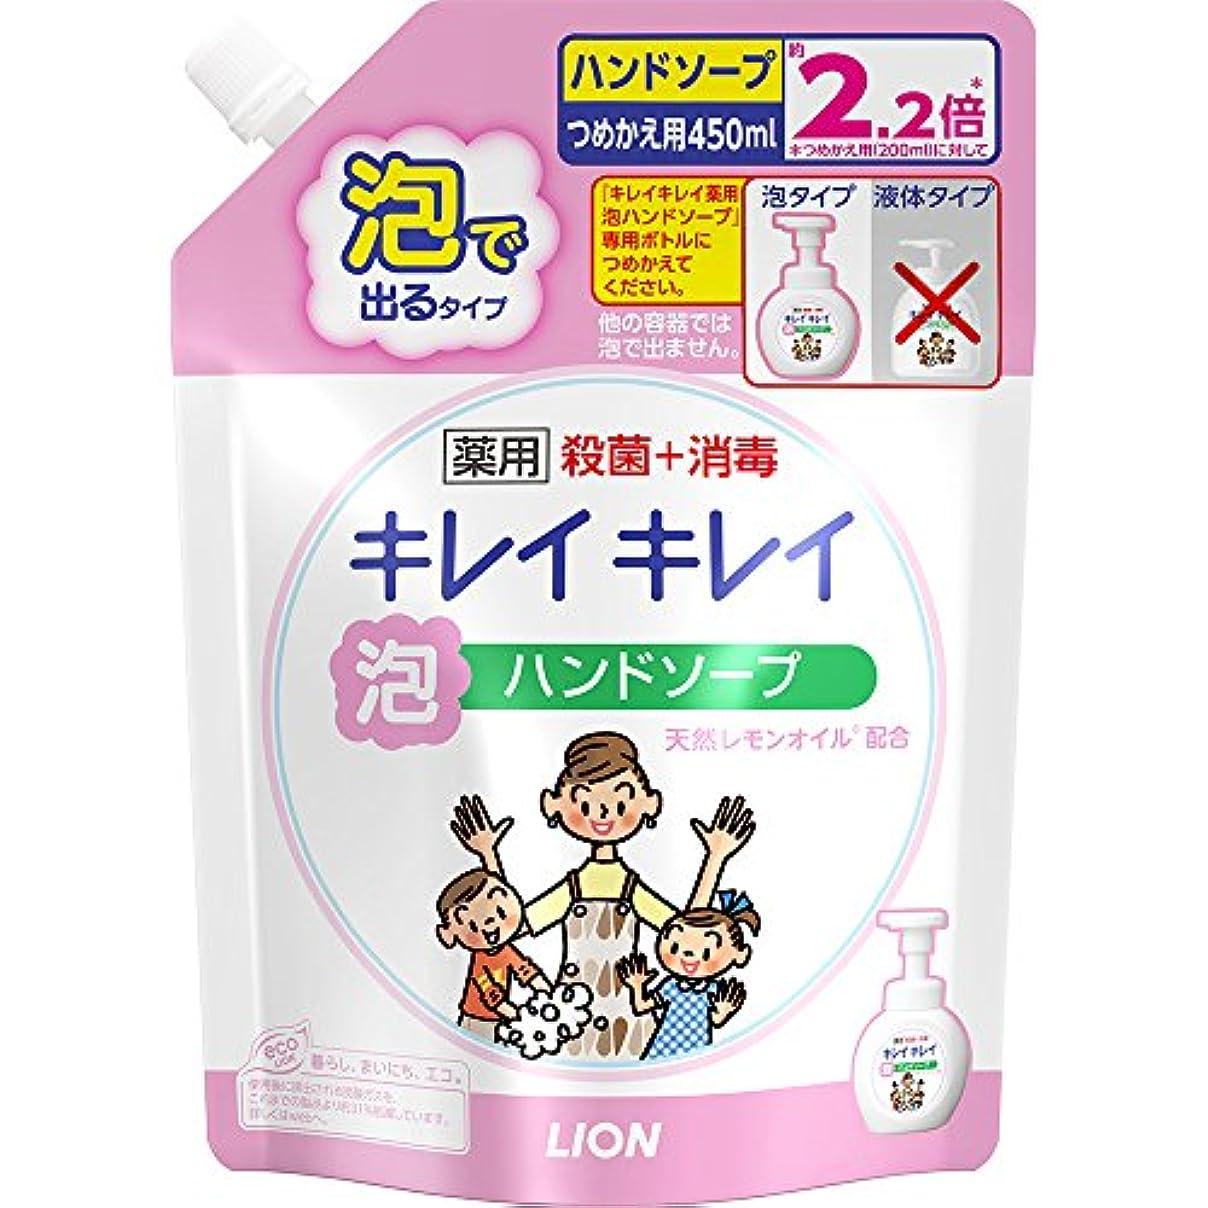 活発彼らは金銭的キレイキレイ 薬用 泡ハンドソープ シトラスフルーティの香り 詰め替え 450ml(医薬部外品)